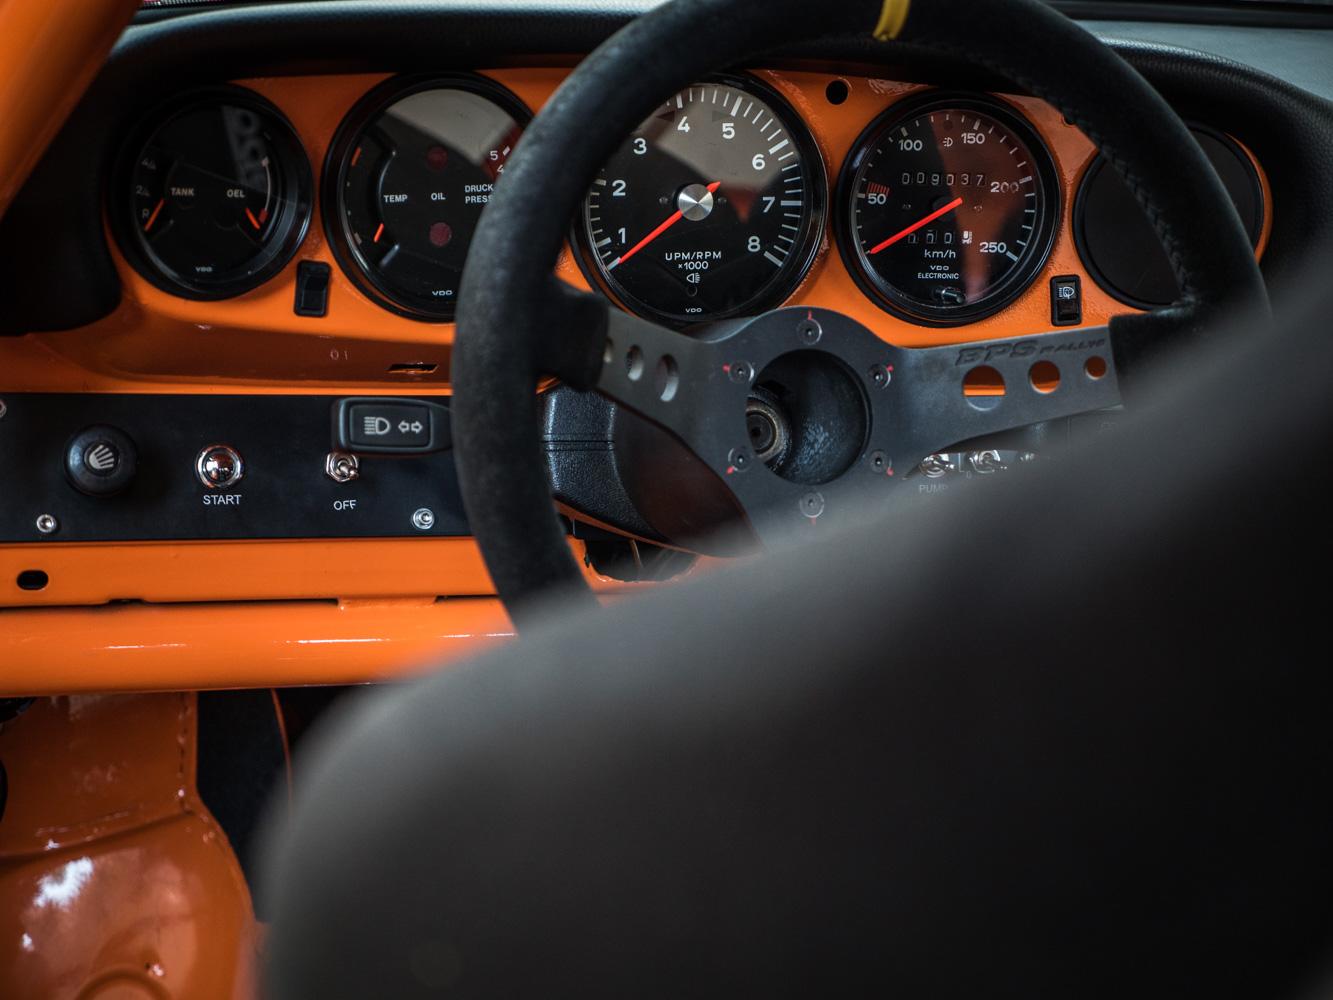 1969 Porsche 911 Carrera - 46.jpg.jpg